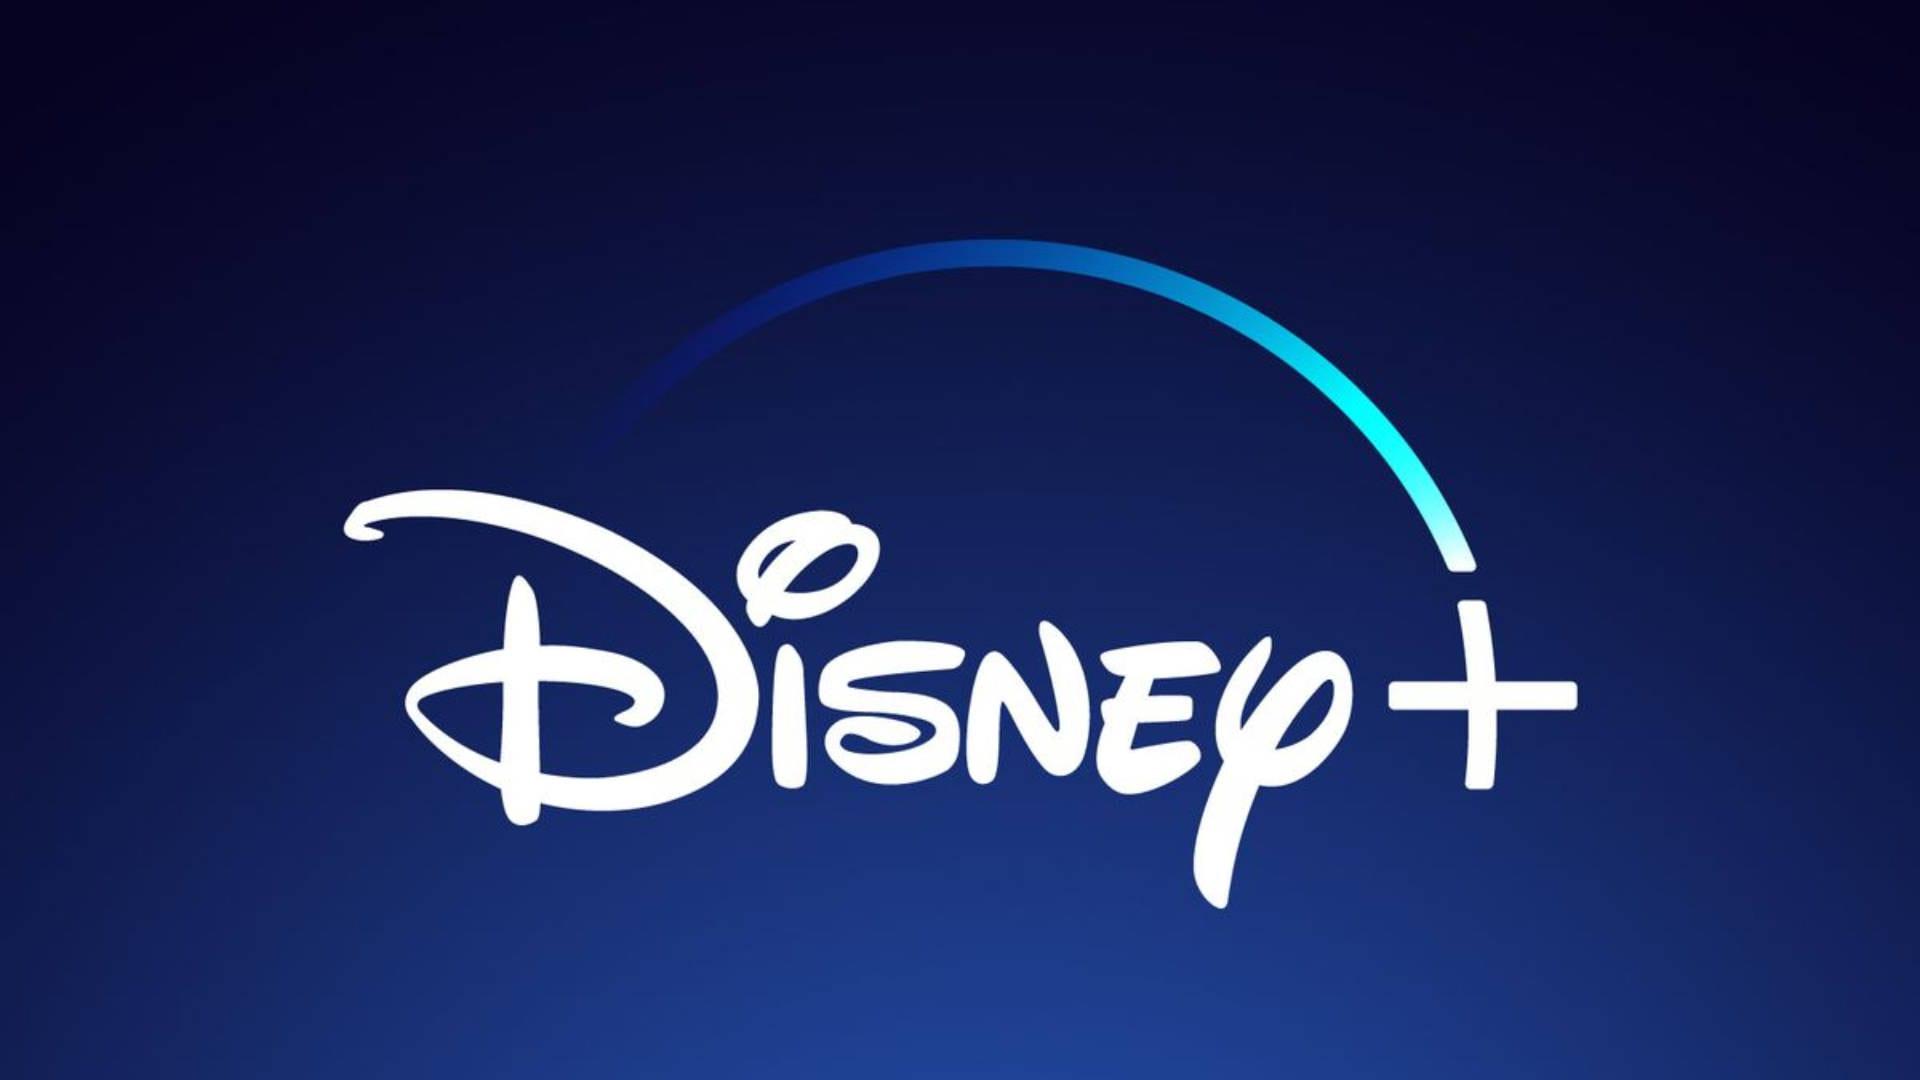 Disney+: vediamo insieme le novità di Giugno 2020